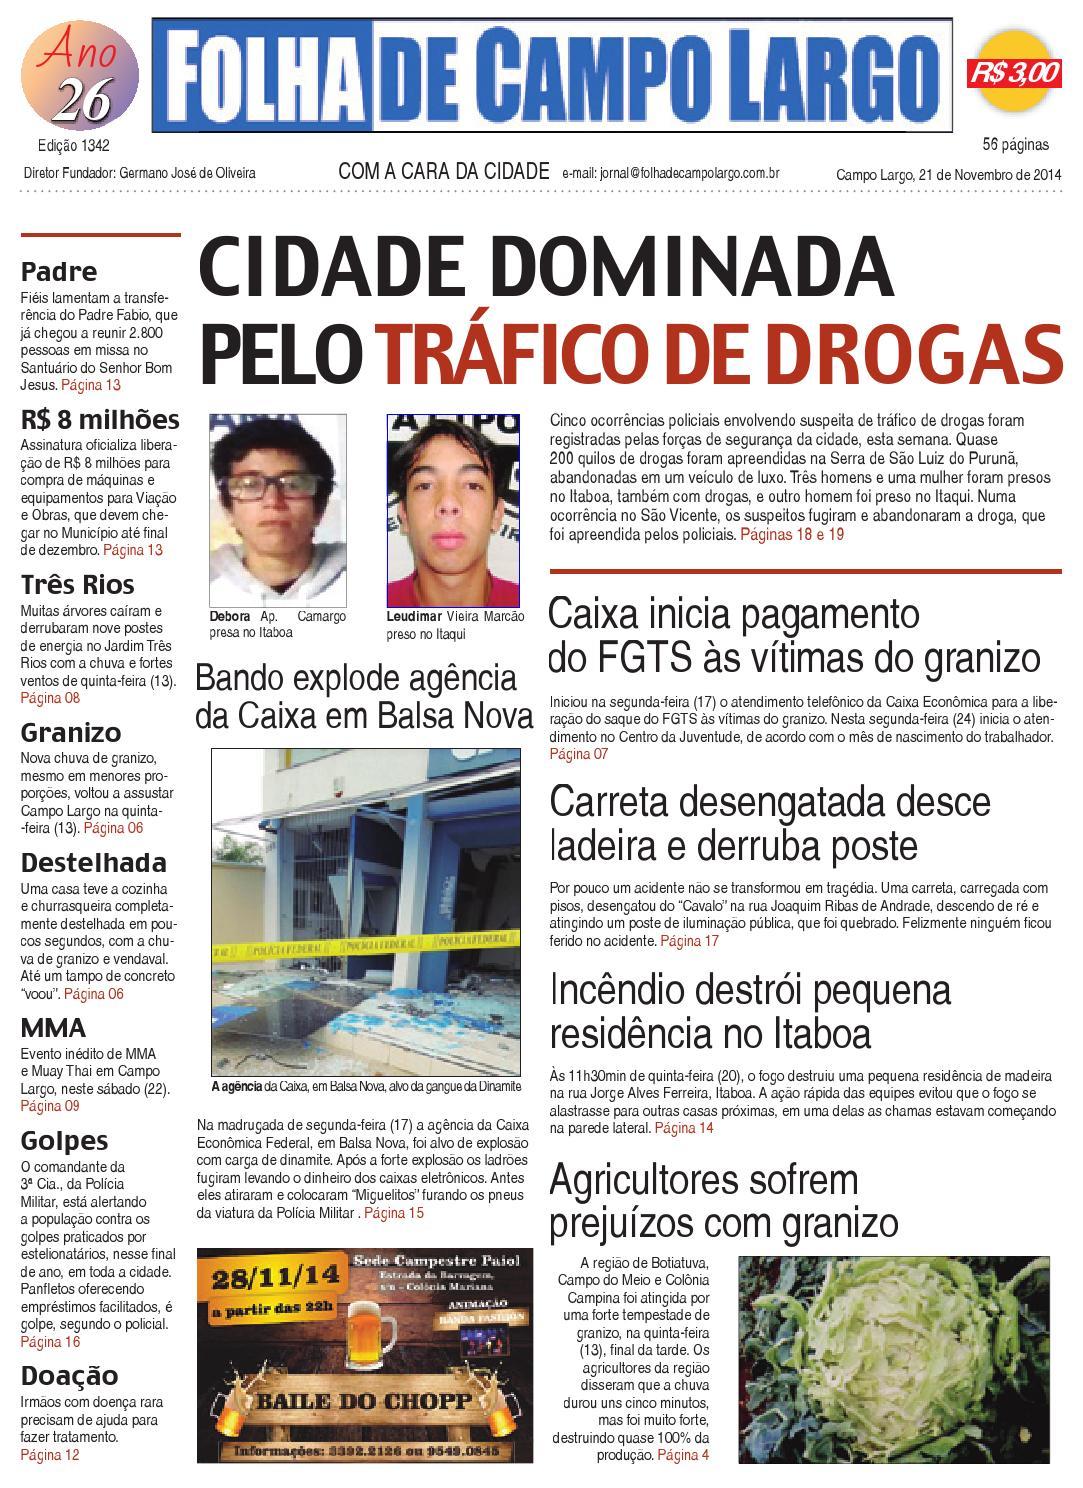 Folha de Campo Largo by Folha de Campo Largo - issuu 17b9e9453e3bb